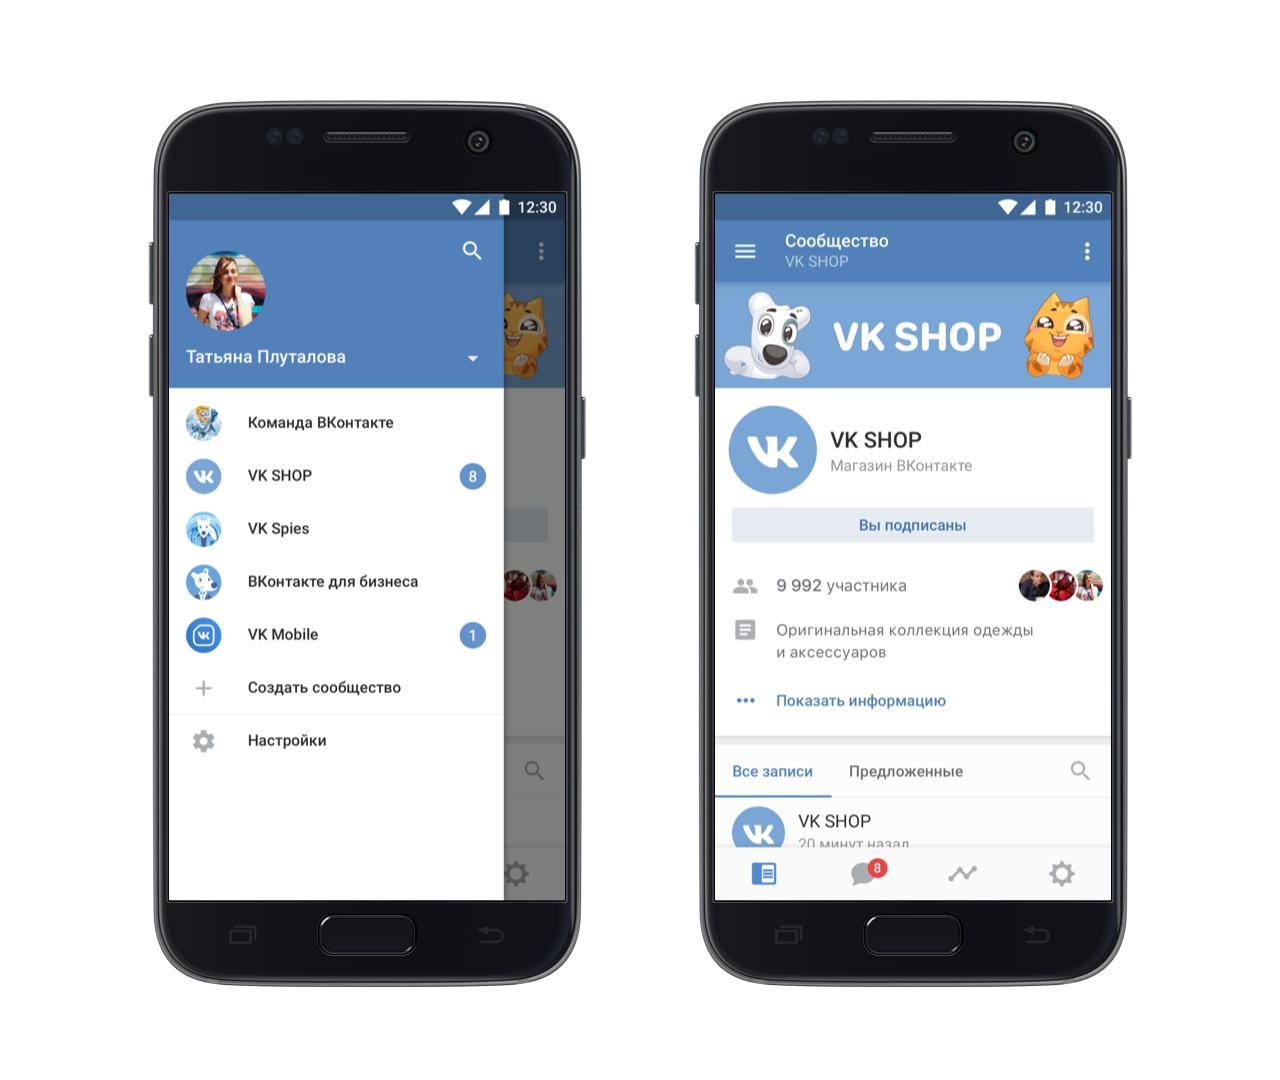 ВКонтакте выпустили приложение для управлением сообществом с мобильного устройства